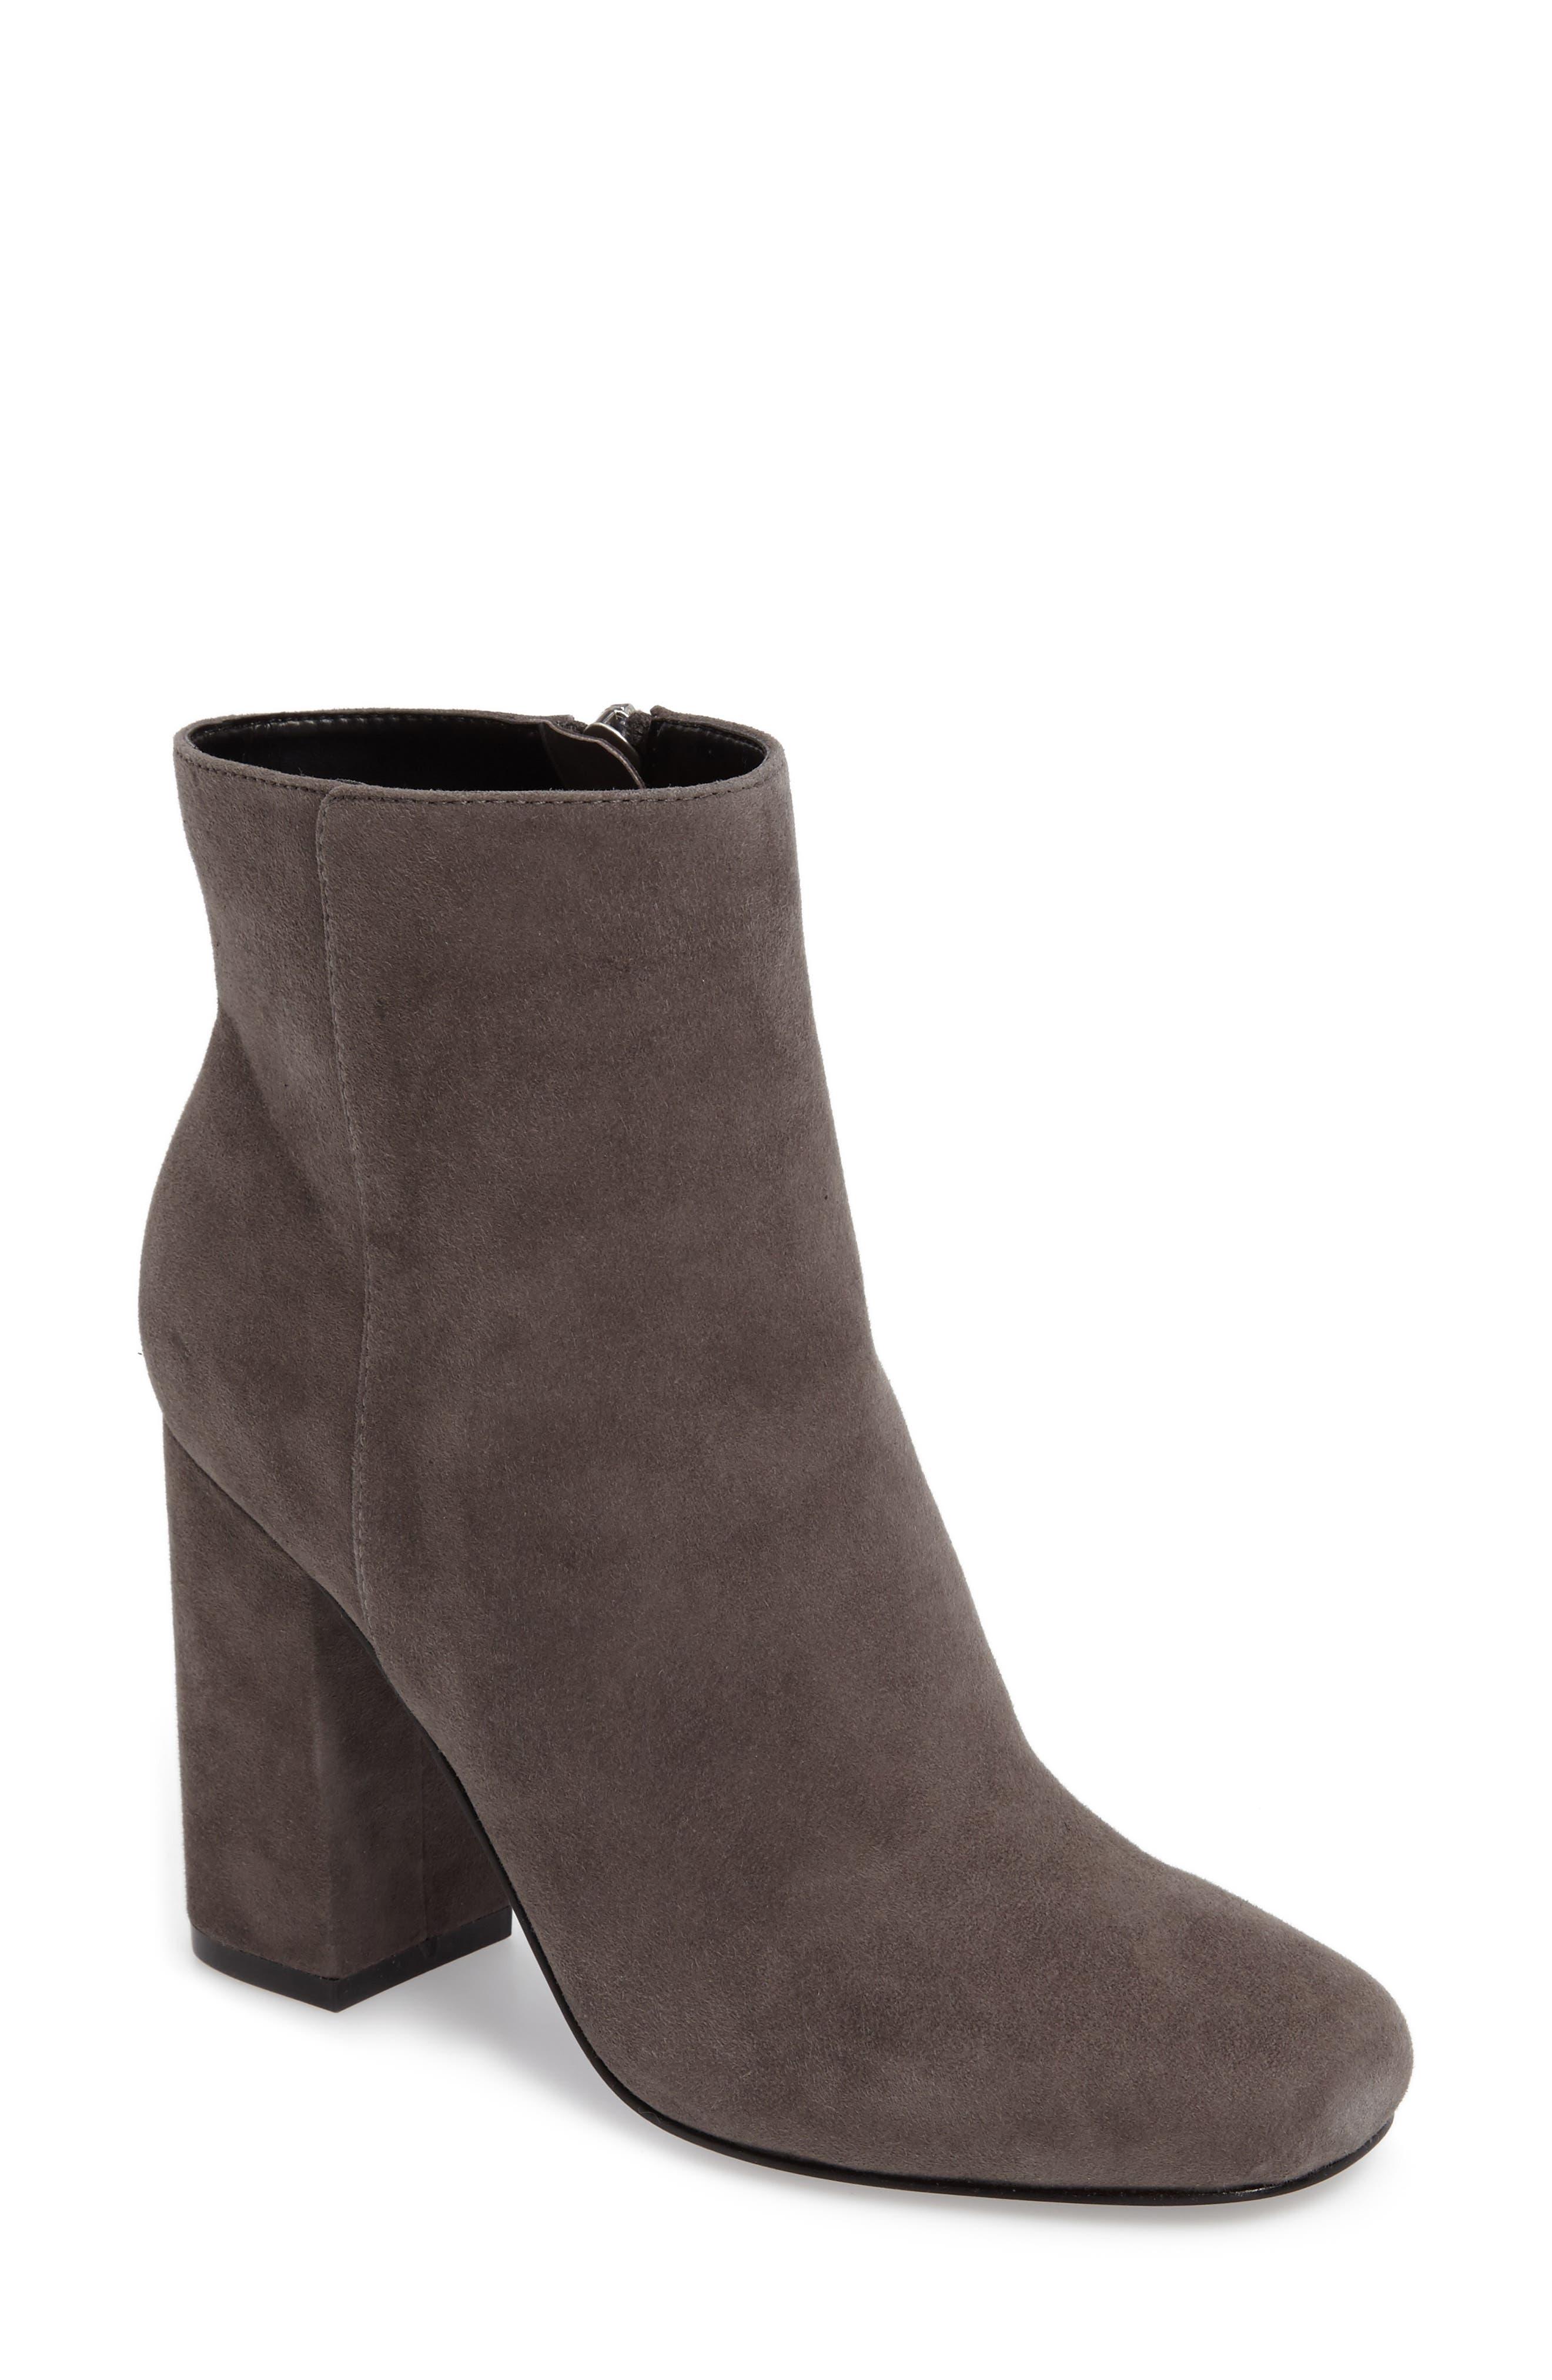 Main Image - Charles David Studio Block Heel Bootie (Women)